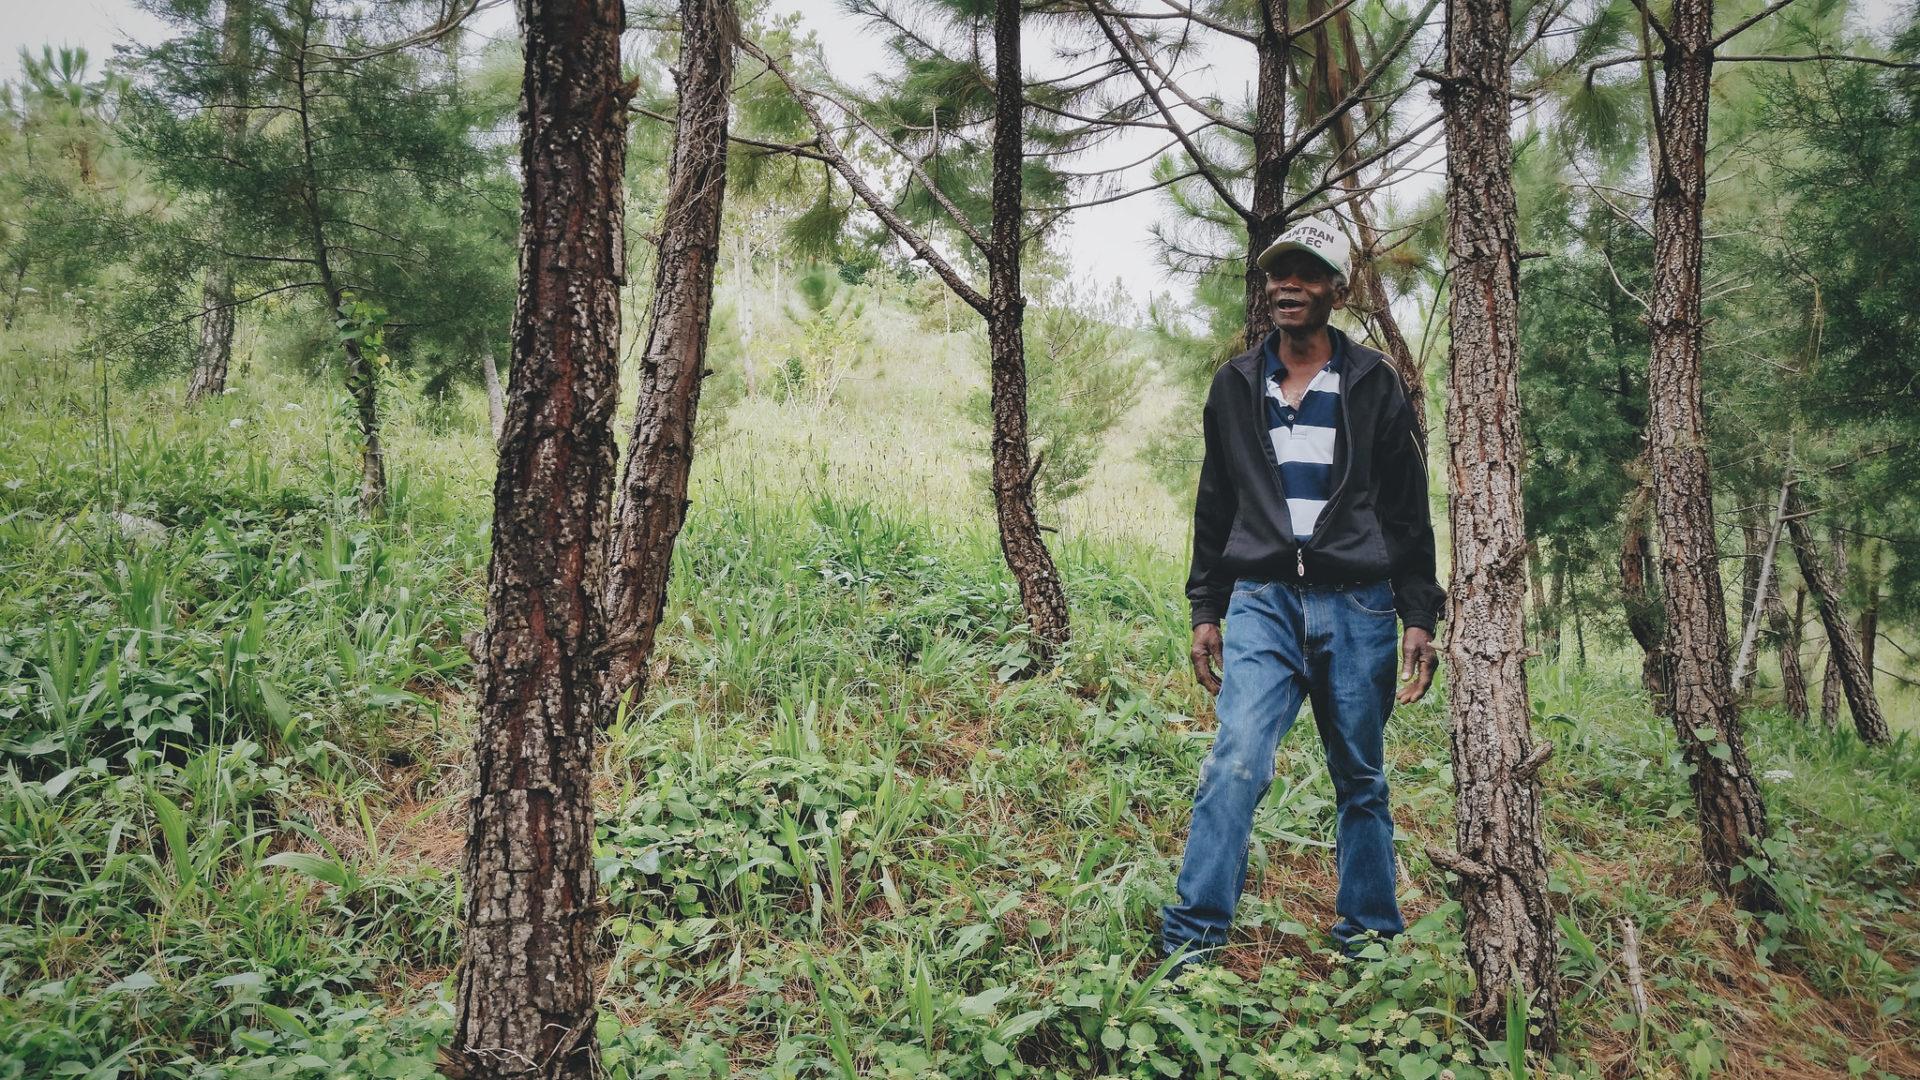 Walking through a Haitian forest.